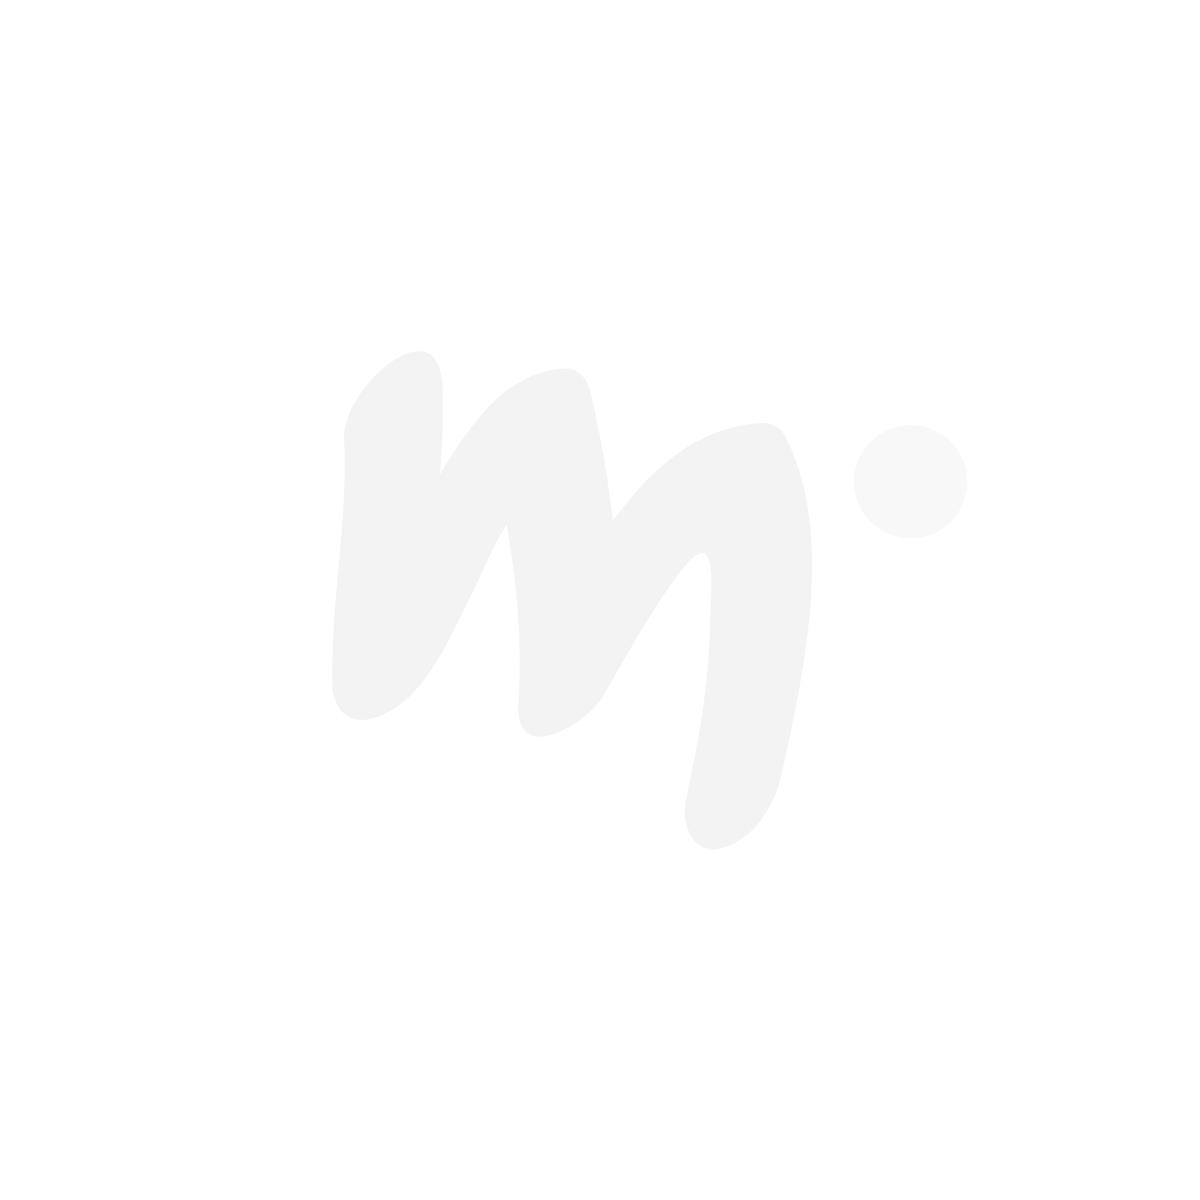 Moomin Moominvalley Melamine Mug